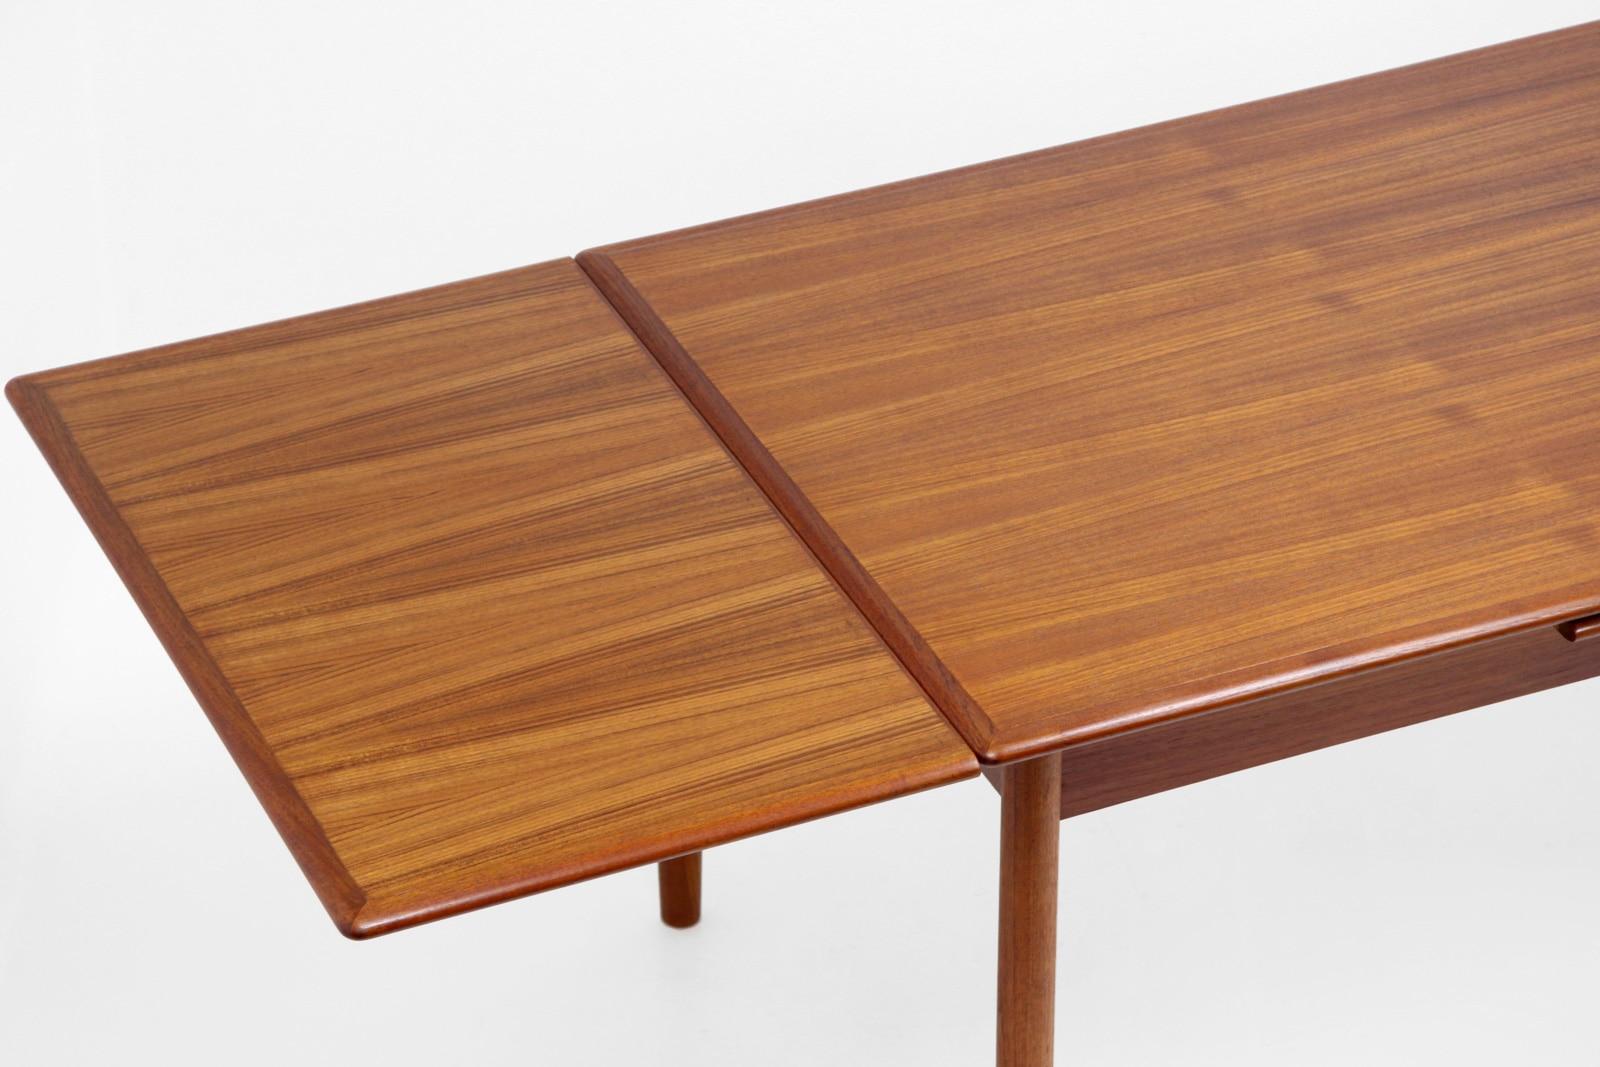 ヴィンテージ,北欧,ダイニングテーブル,幅140cm